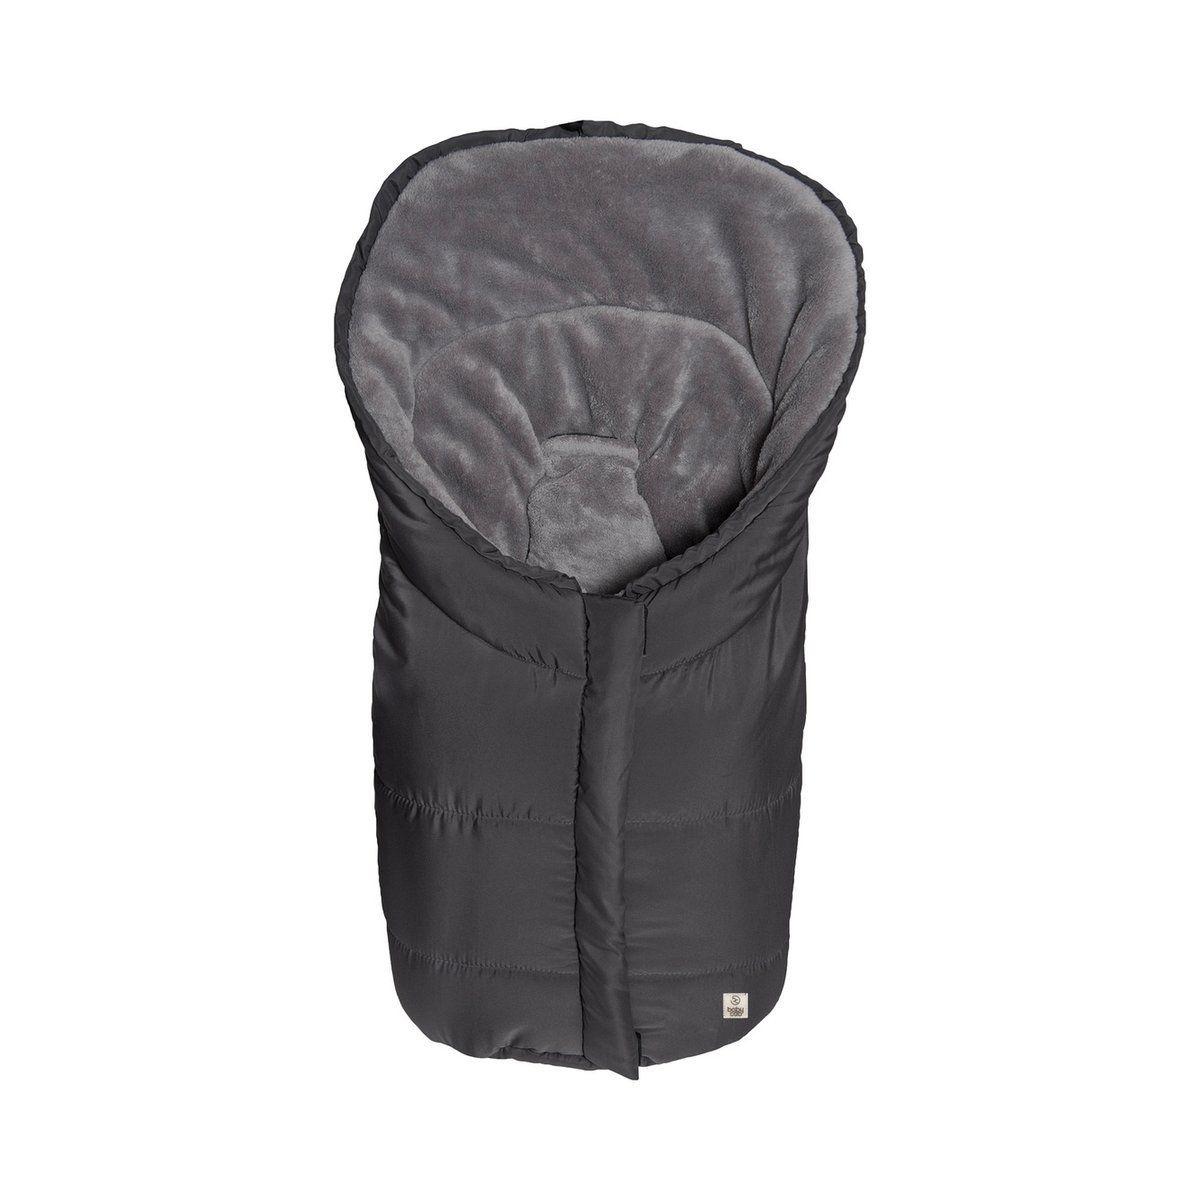 babycab la chancelire dhiver eiger accessoires pour poussette marine babycab amazon